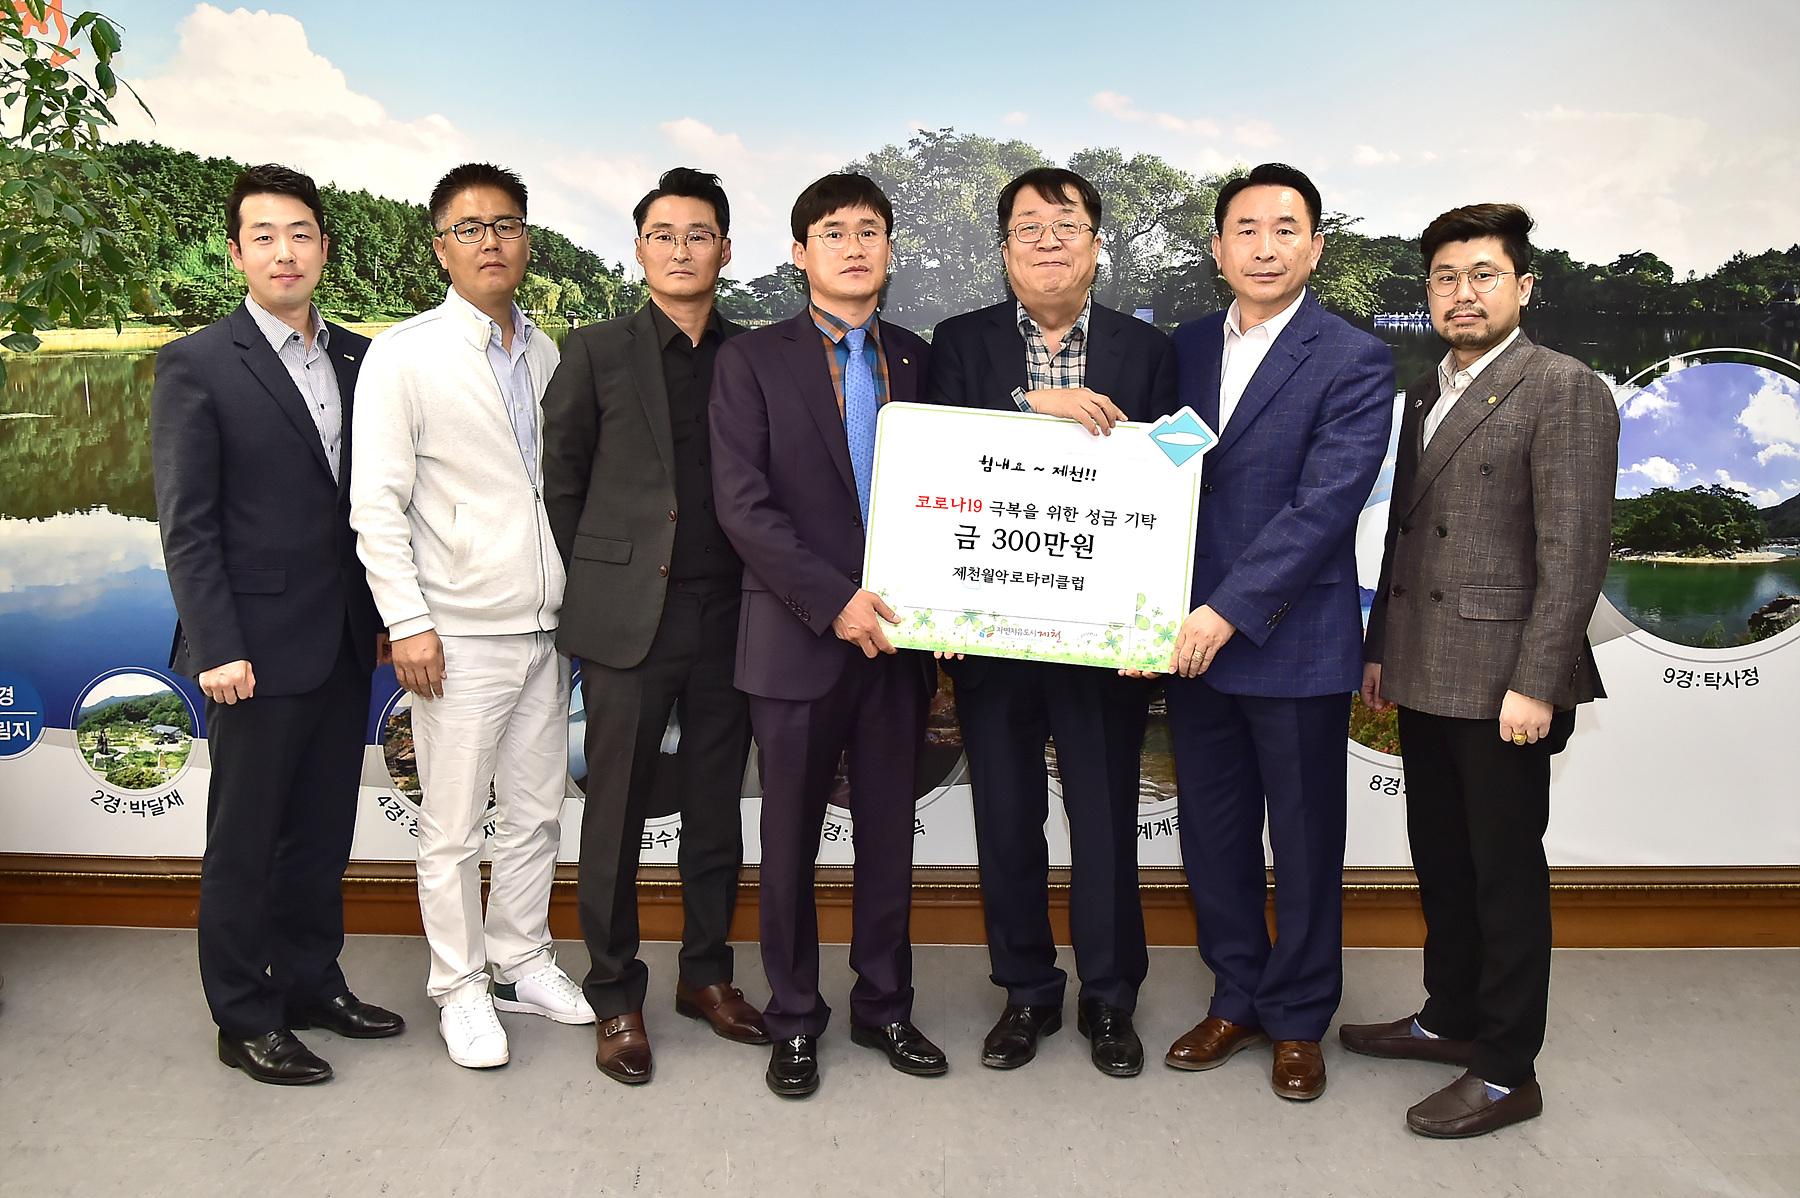 제천월악로터리, 충북사회복지공동모금회에 코로나19극복을 위한 성금300만원 기탁